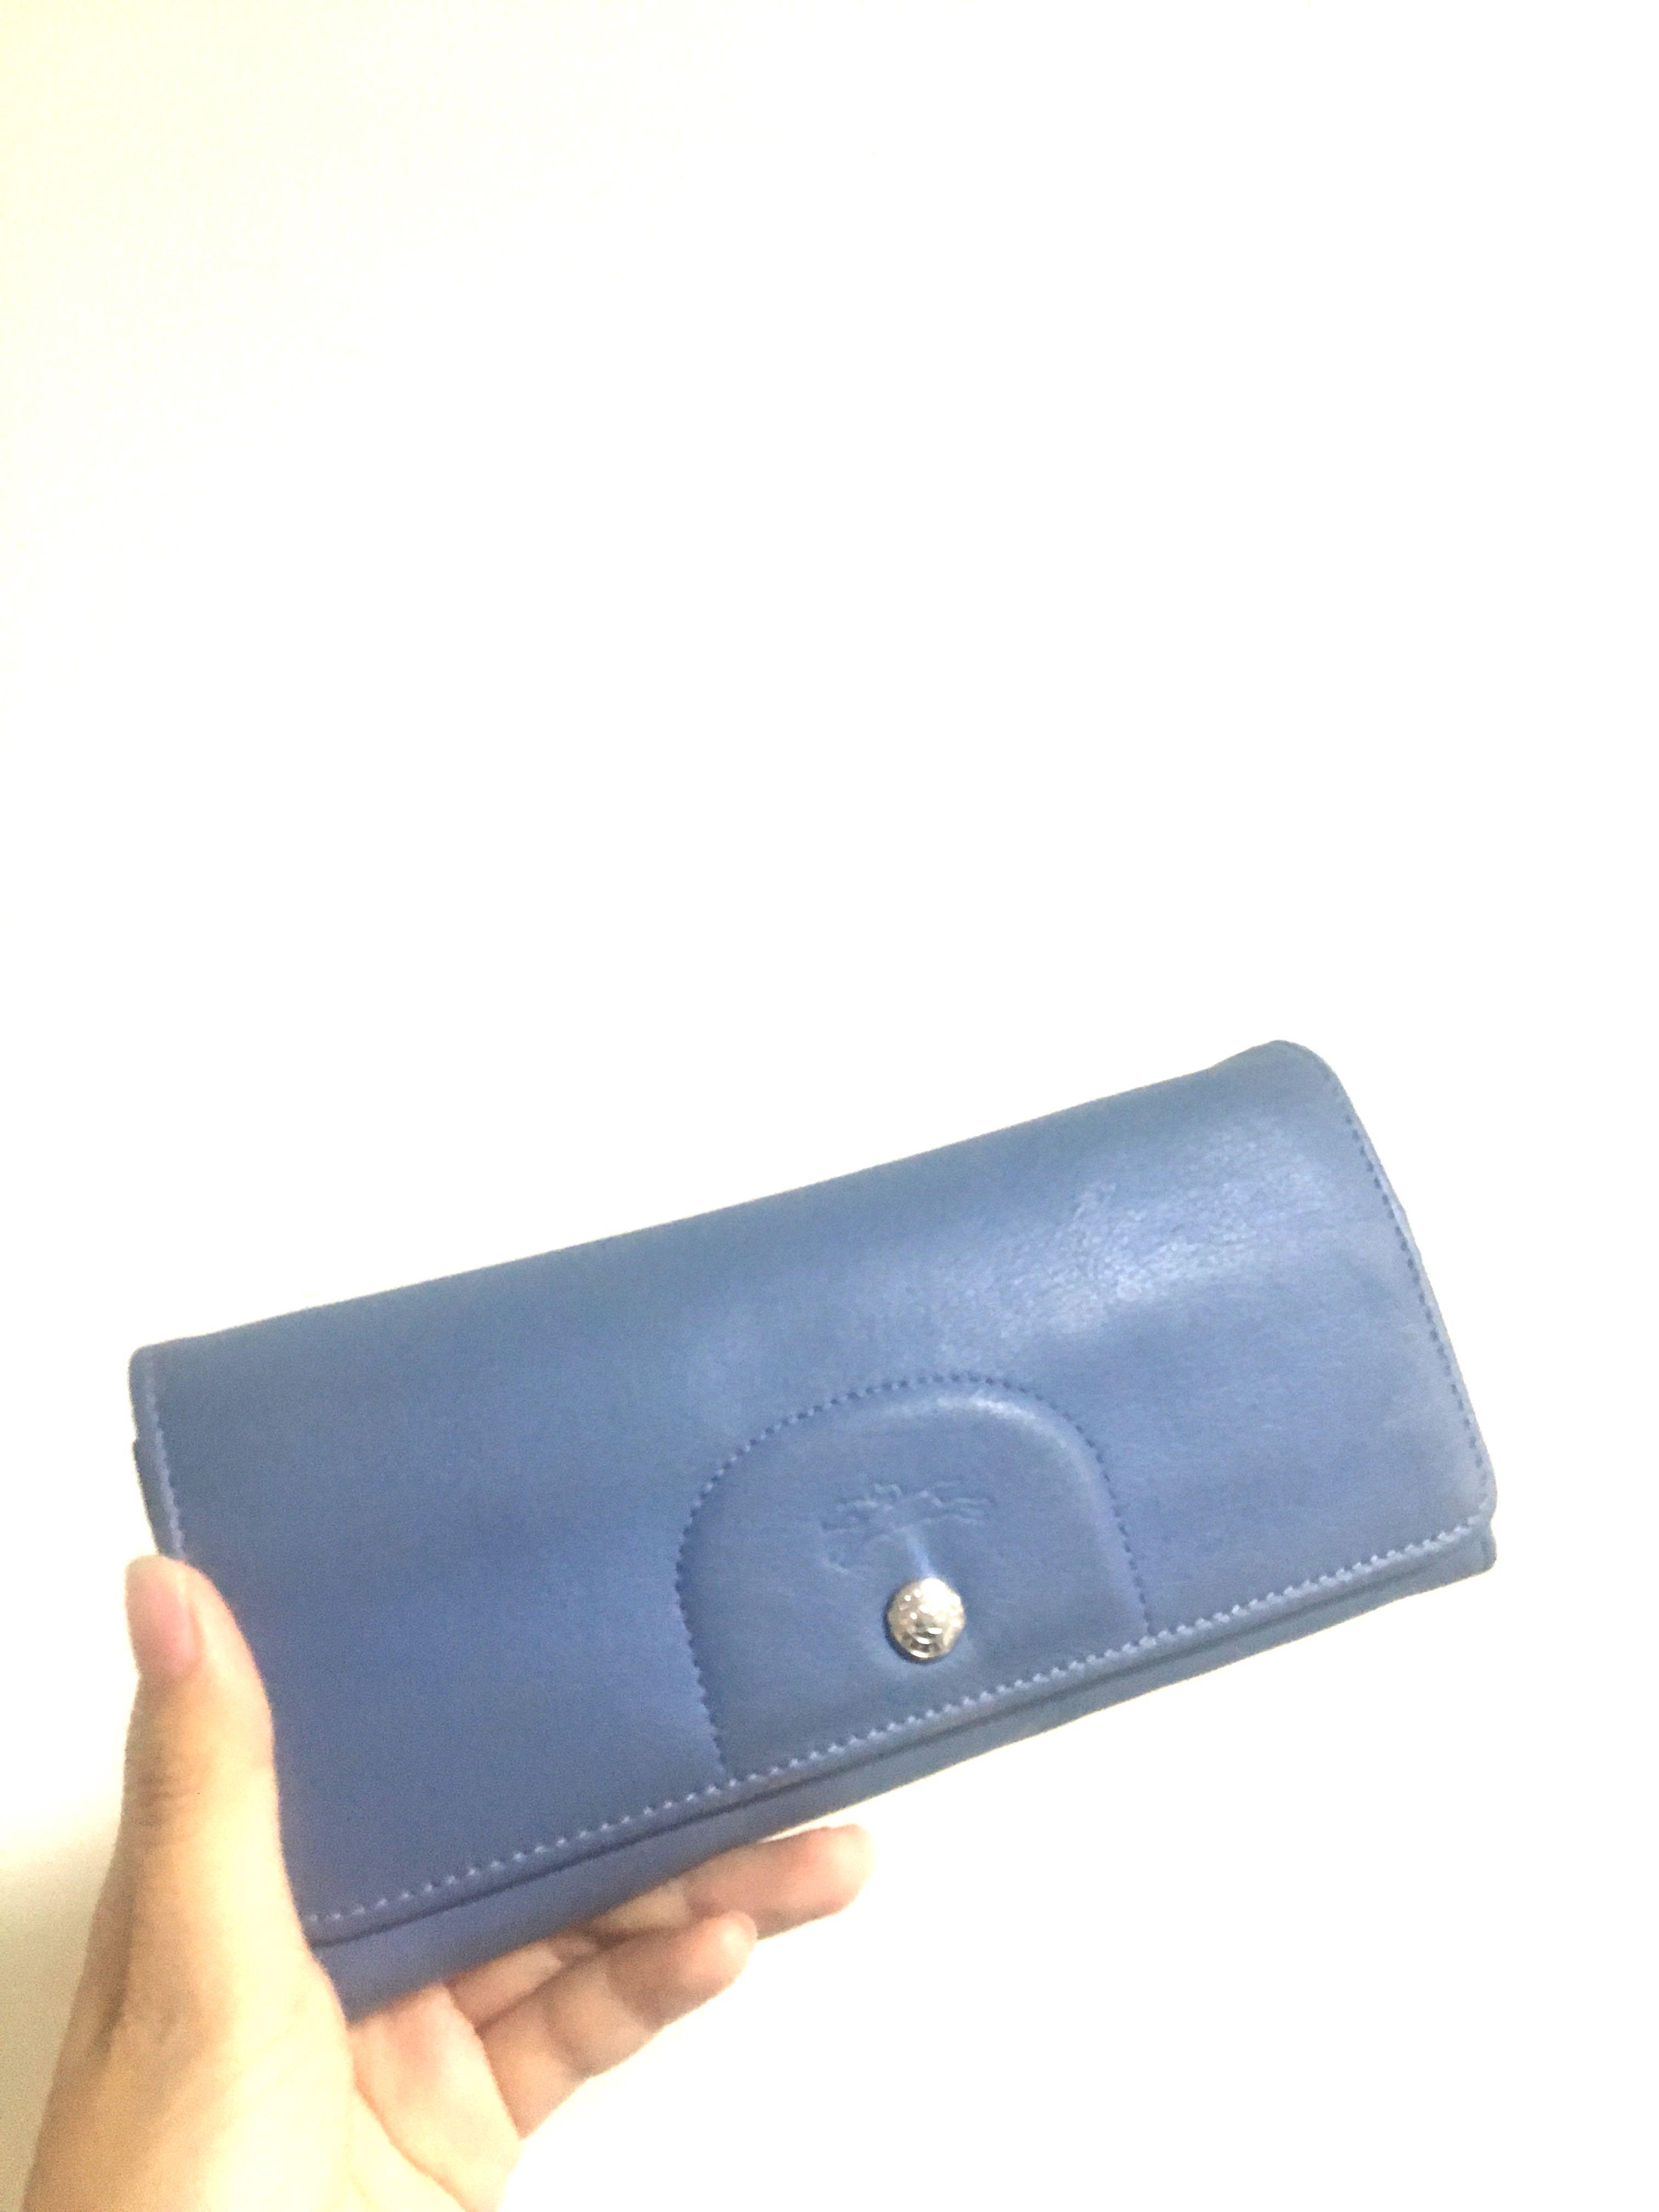 降價 Longchamp 小羊皮對摺長夾 淺藍色